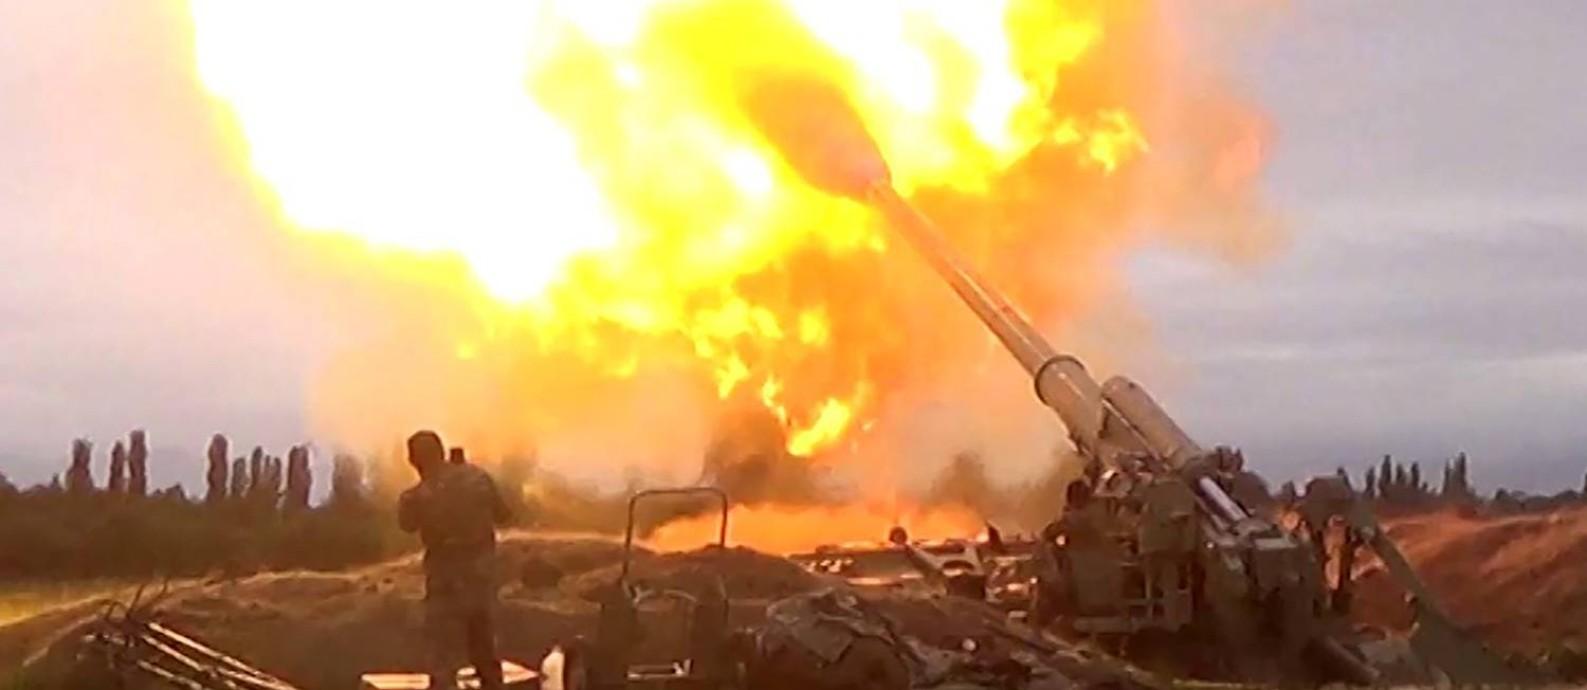 Ataque de artilharia azerbaijã contra as posições dos separatistas armênios na região de Nagorno Karabakh Foto: HANDOUT / AFP/28-09-2020